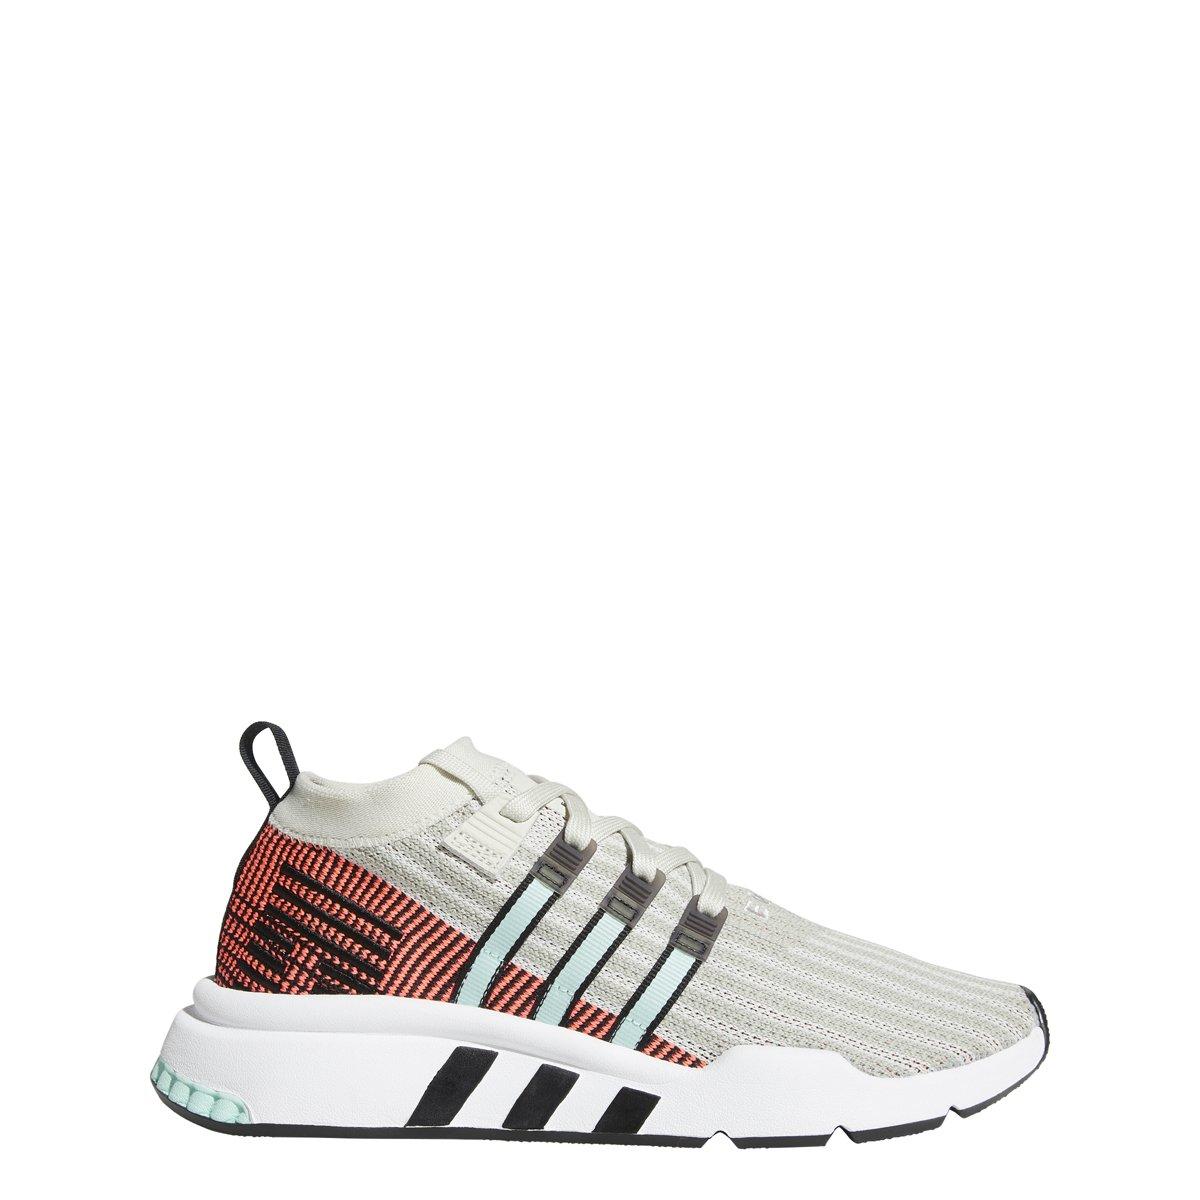 Adidas uomini eqt sostenere metà avanzata pk scarpe b07f2rwb1h d (m) us